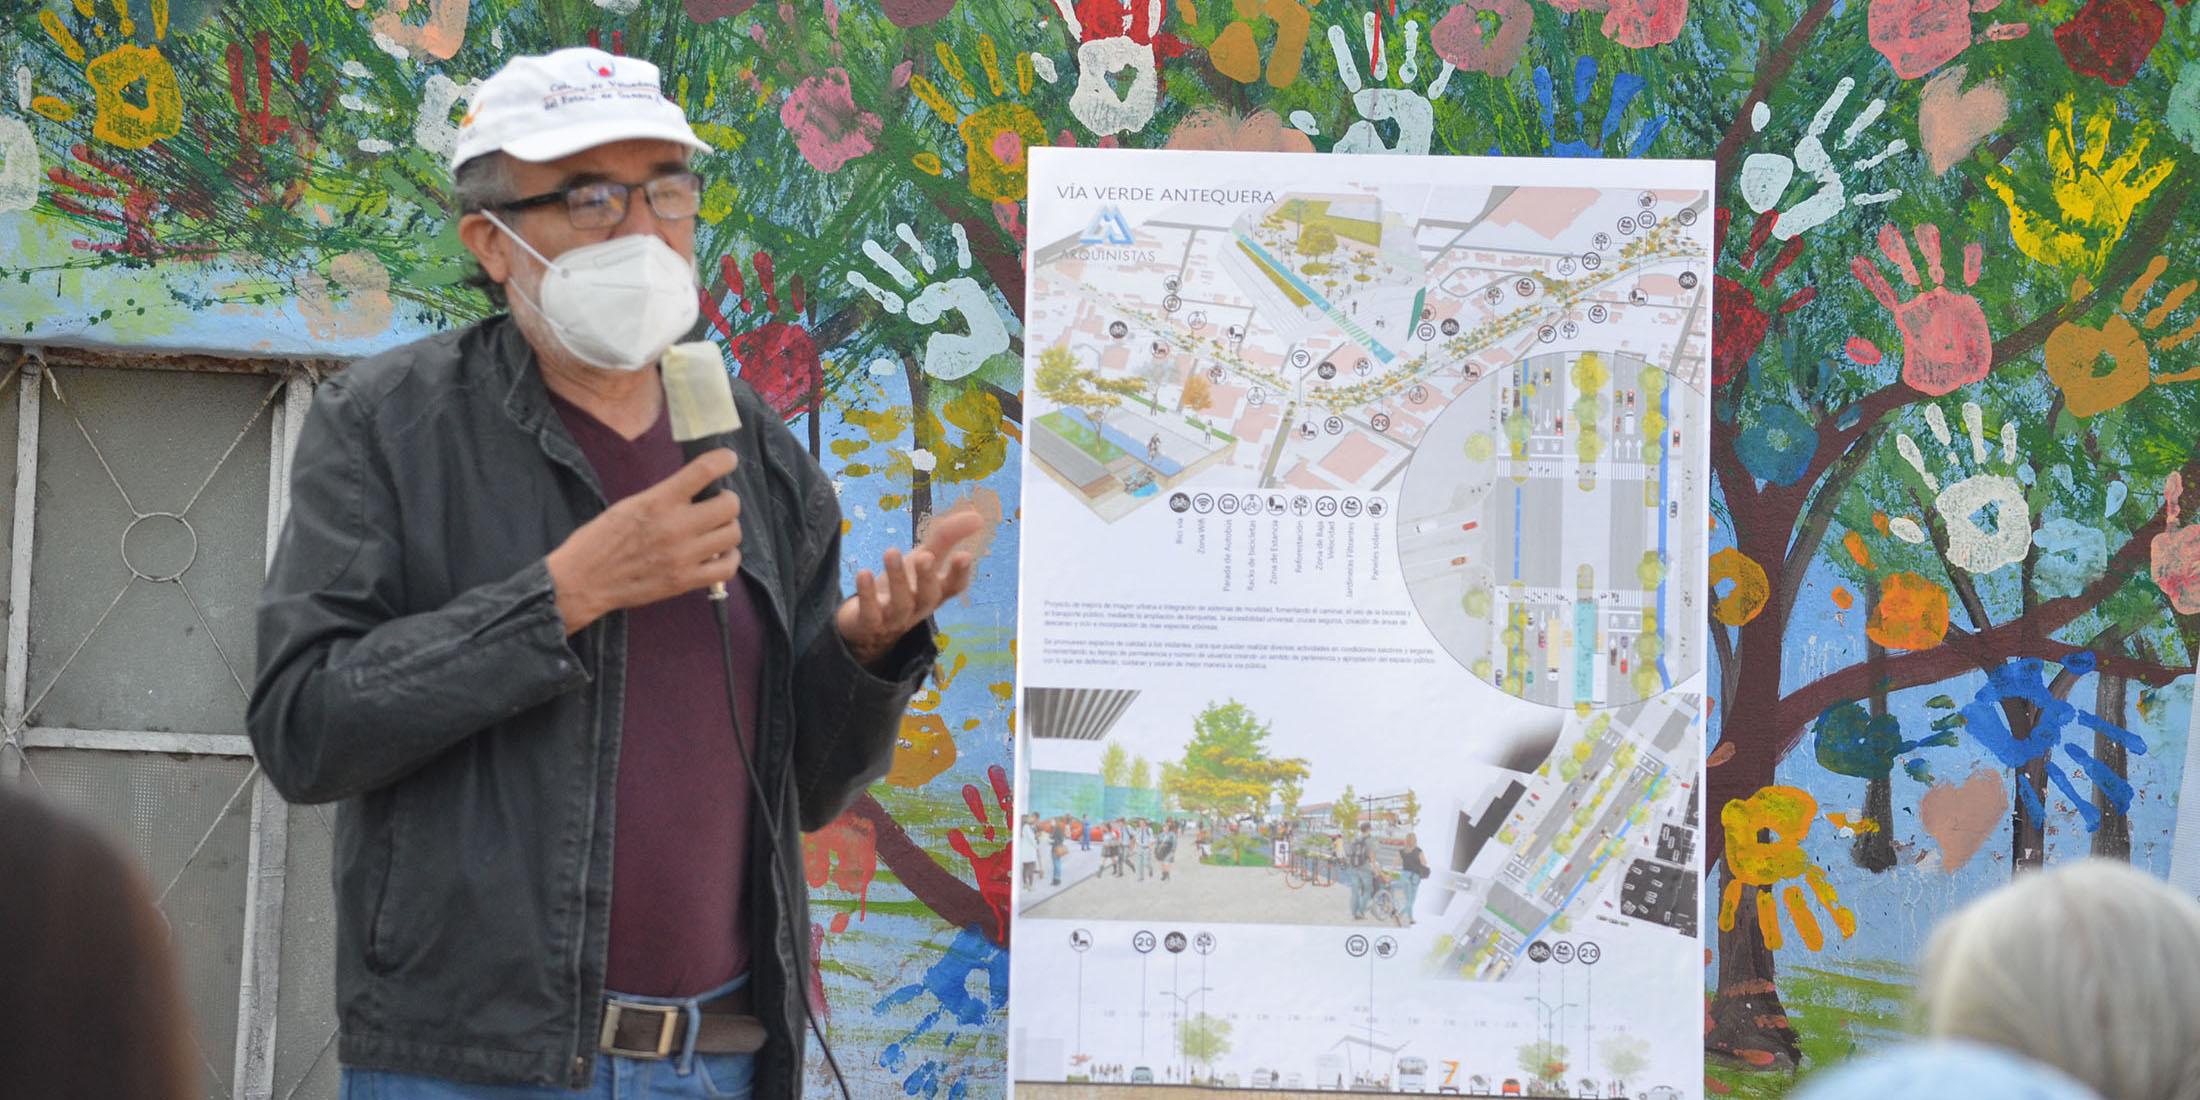 Proponen proyectos urbanos sustentables para Oaxaca | El Imparcial de Oaxaca